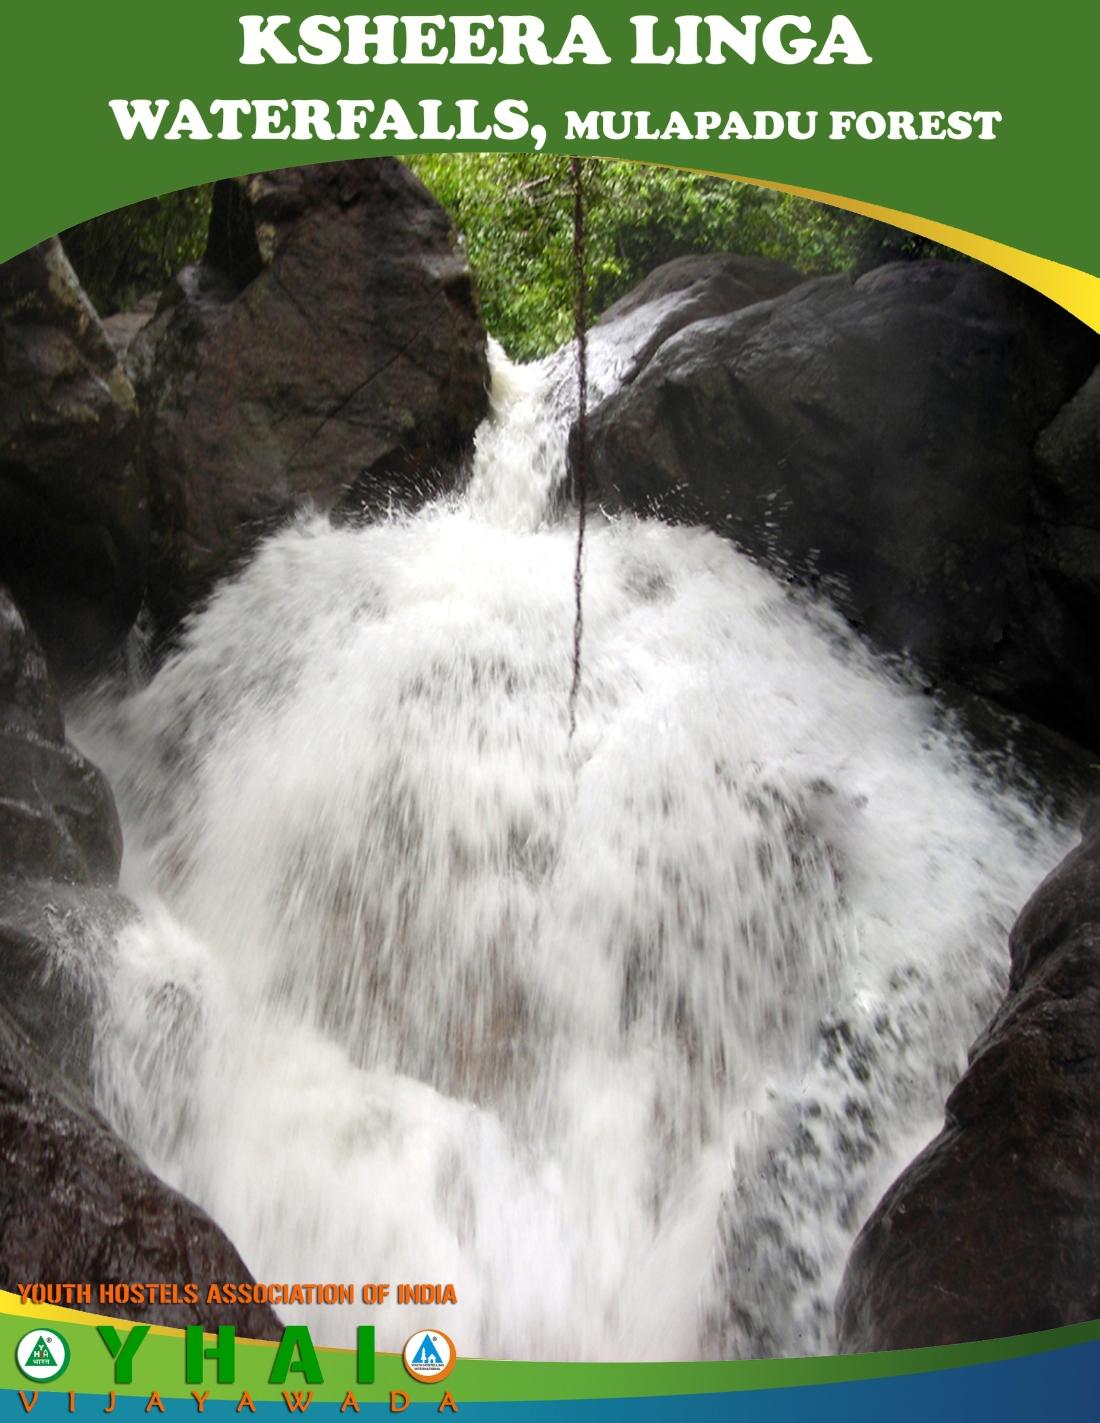 Ksheera Linga WaterFalls - Mulapadu Forest